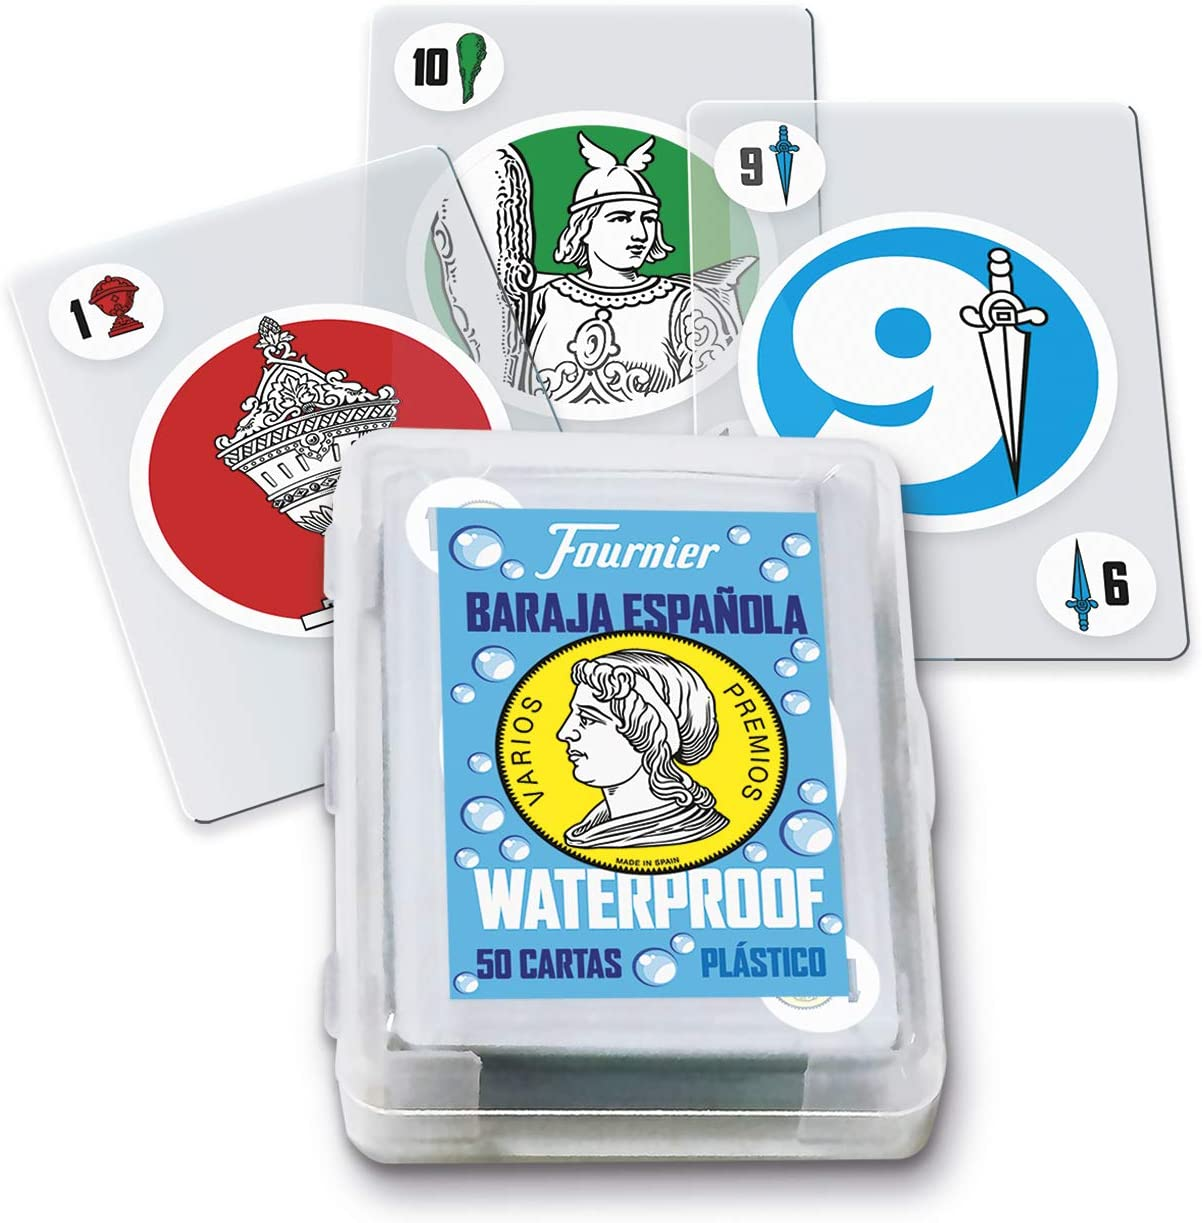 Fournier- Baraja Española de Cartas Waterproof de Plástico para Piscina y Playa (1045928)